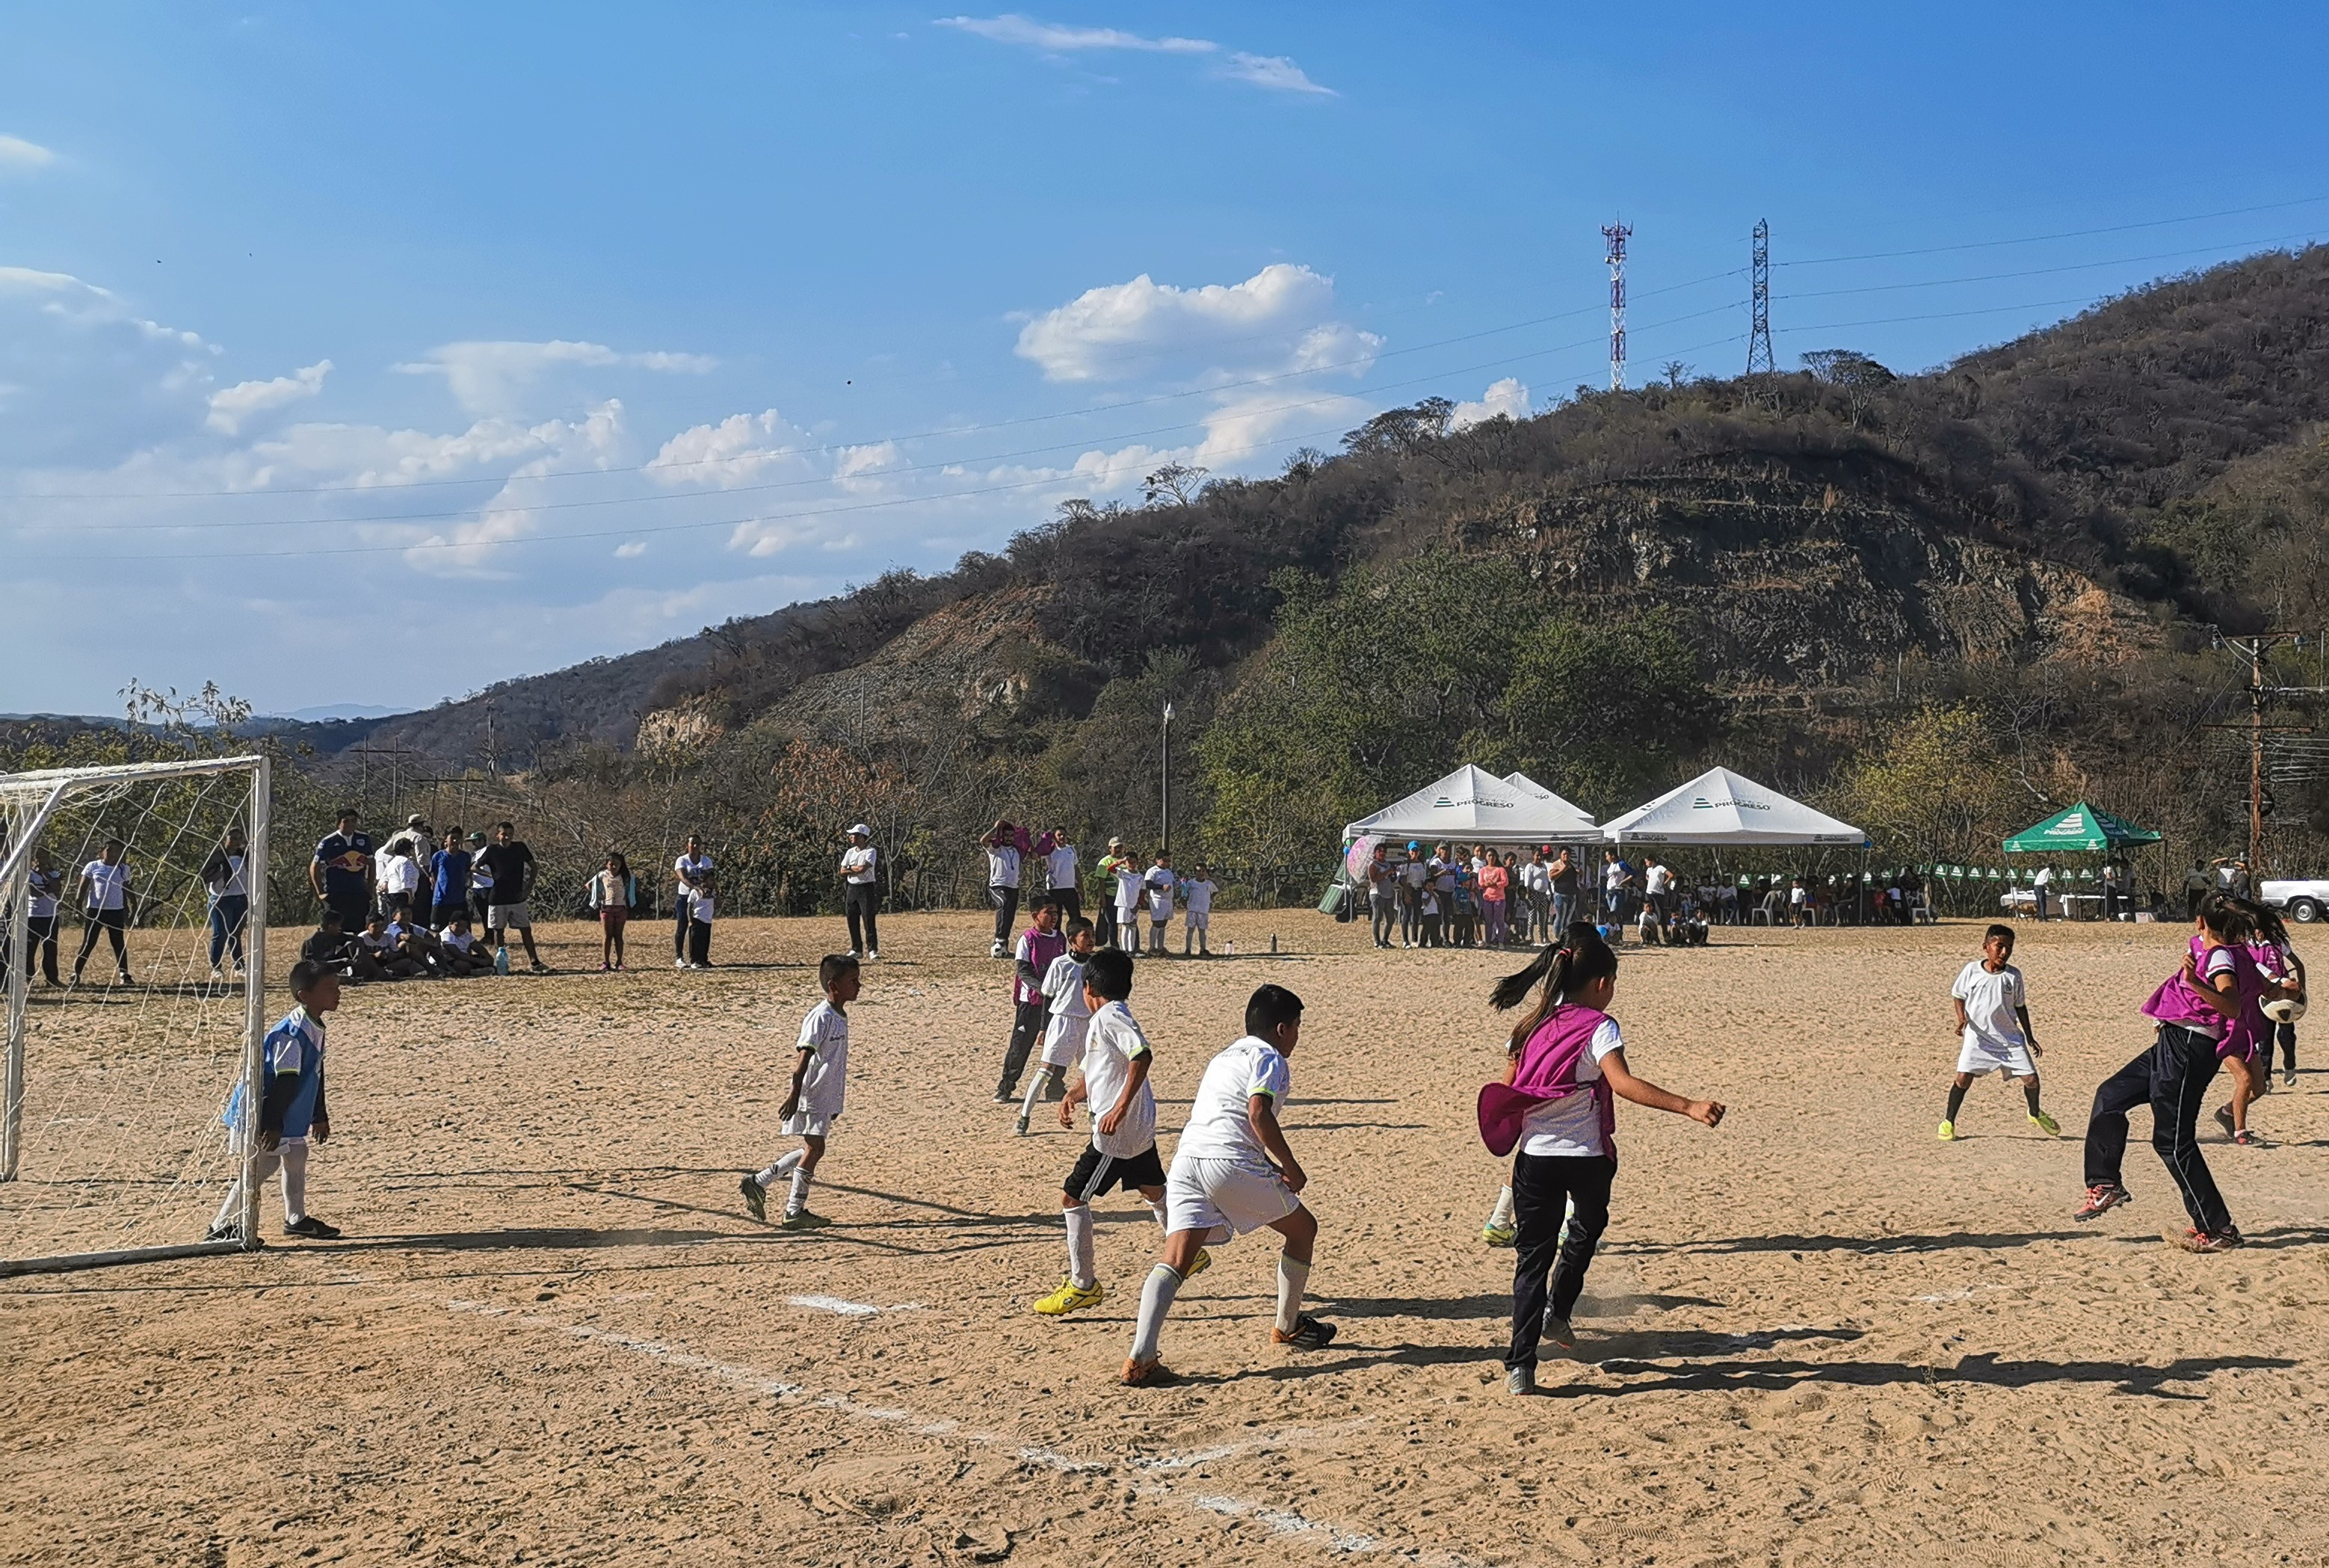 La nueva Escuela Socio Deportiva funcionará en la aldea El Carrizo, San Atonio La Paz. (Foto Prensa Libre: Cortesía Fundación Carlos F. Novella).